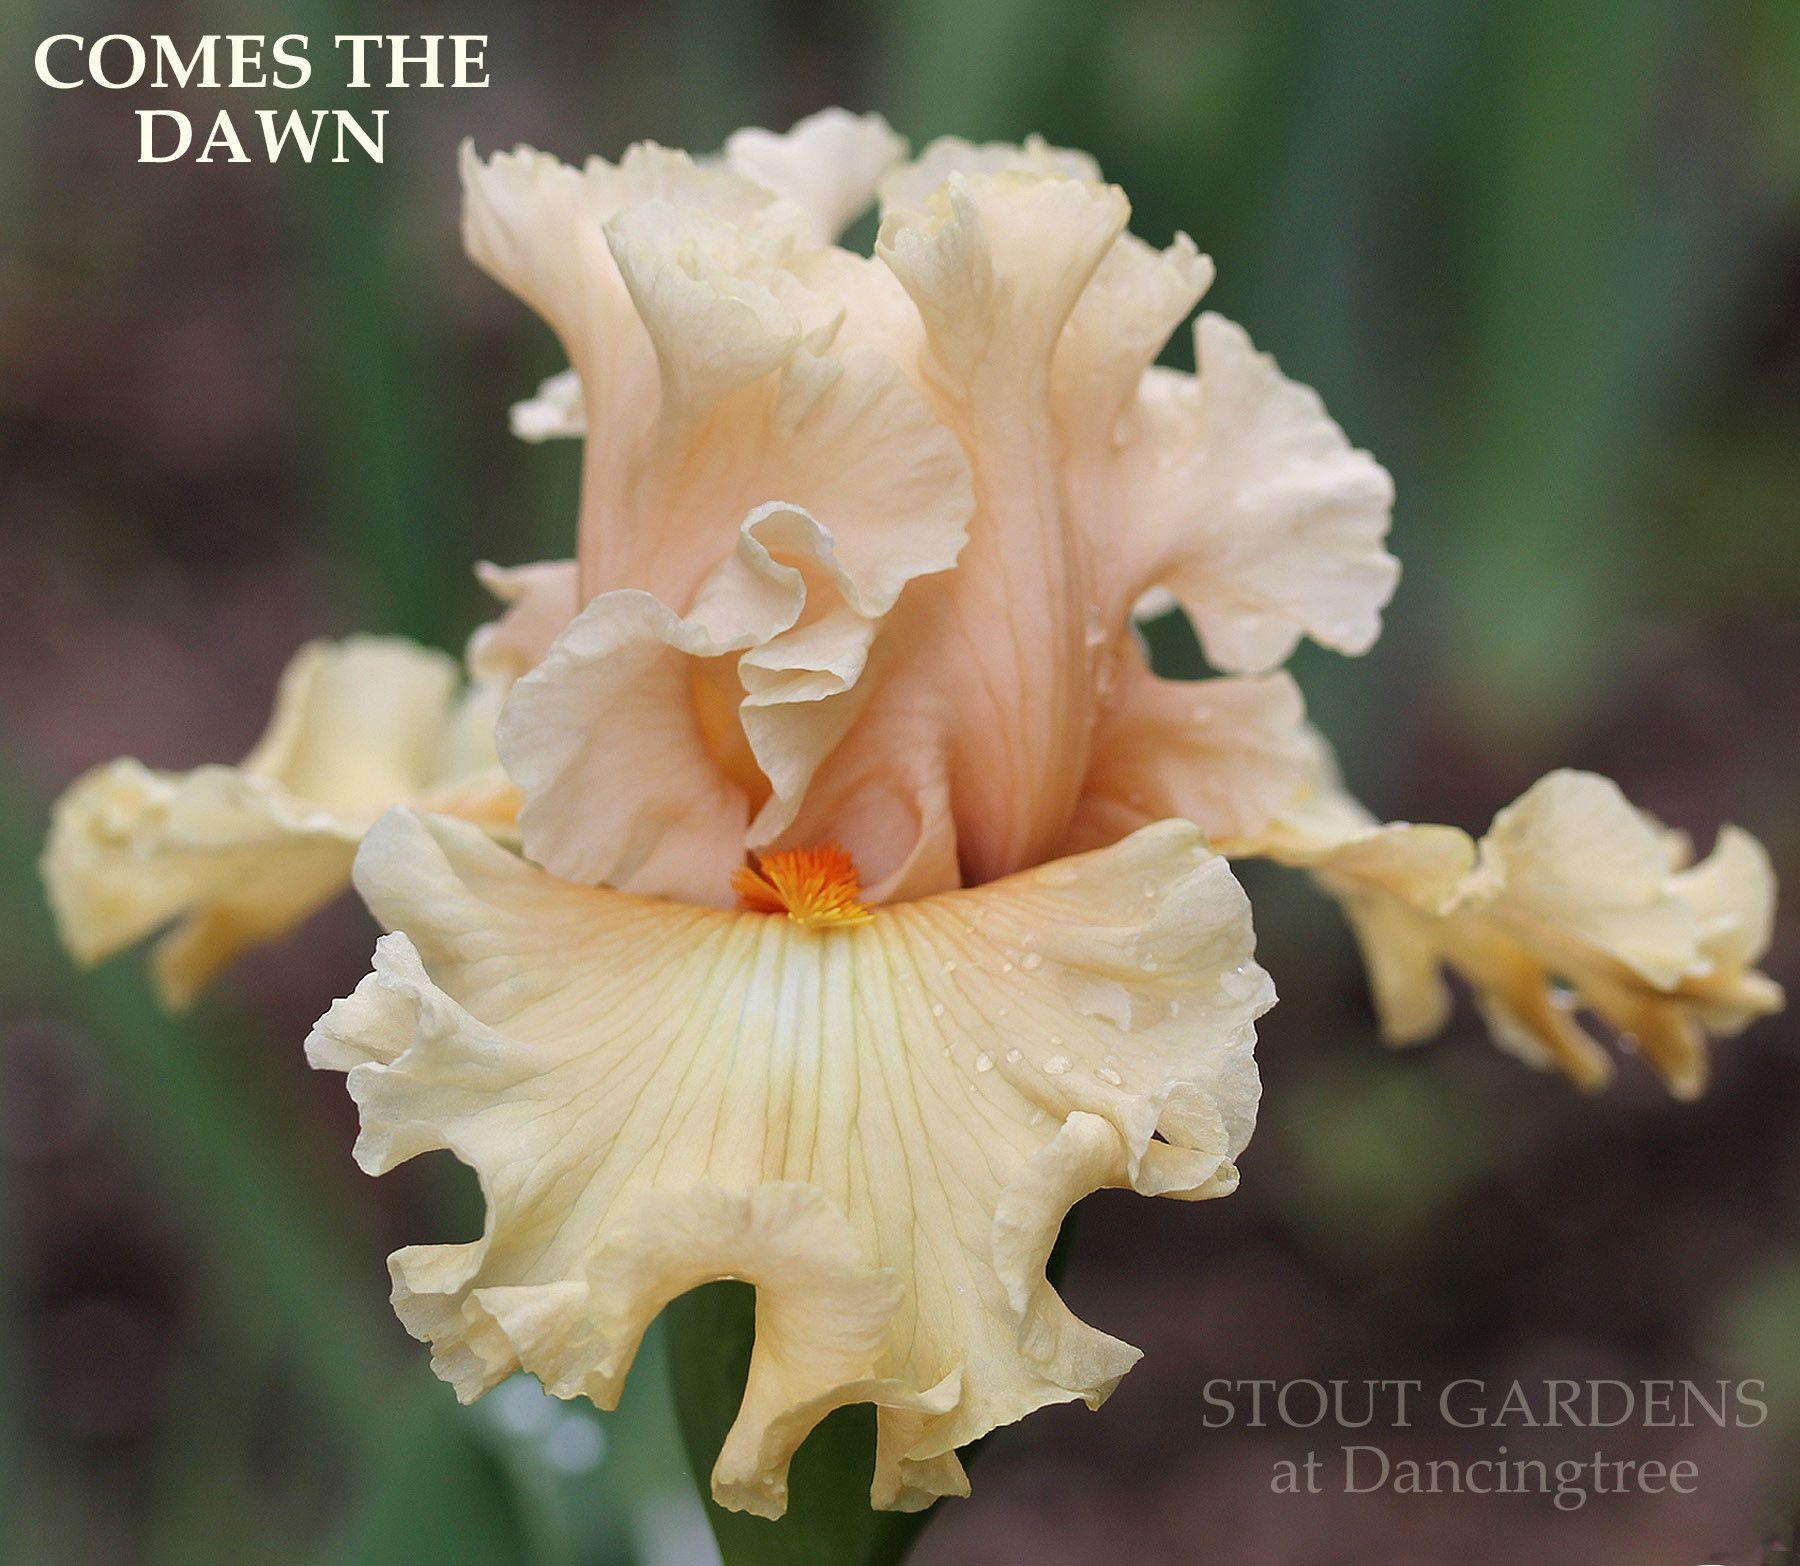 Iris COMES THE DAWN